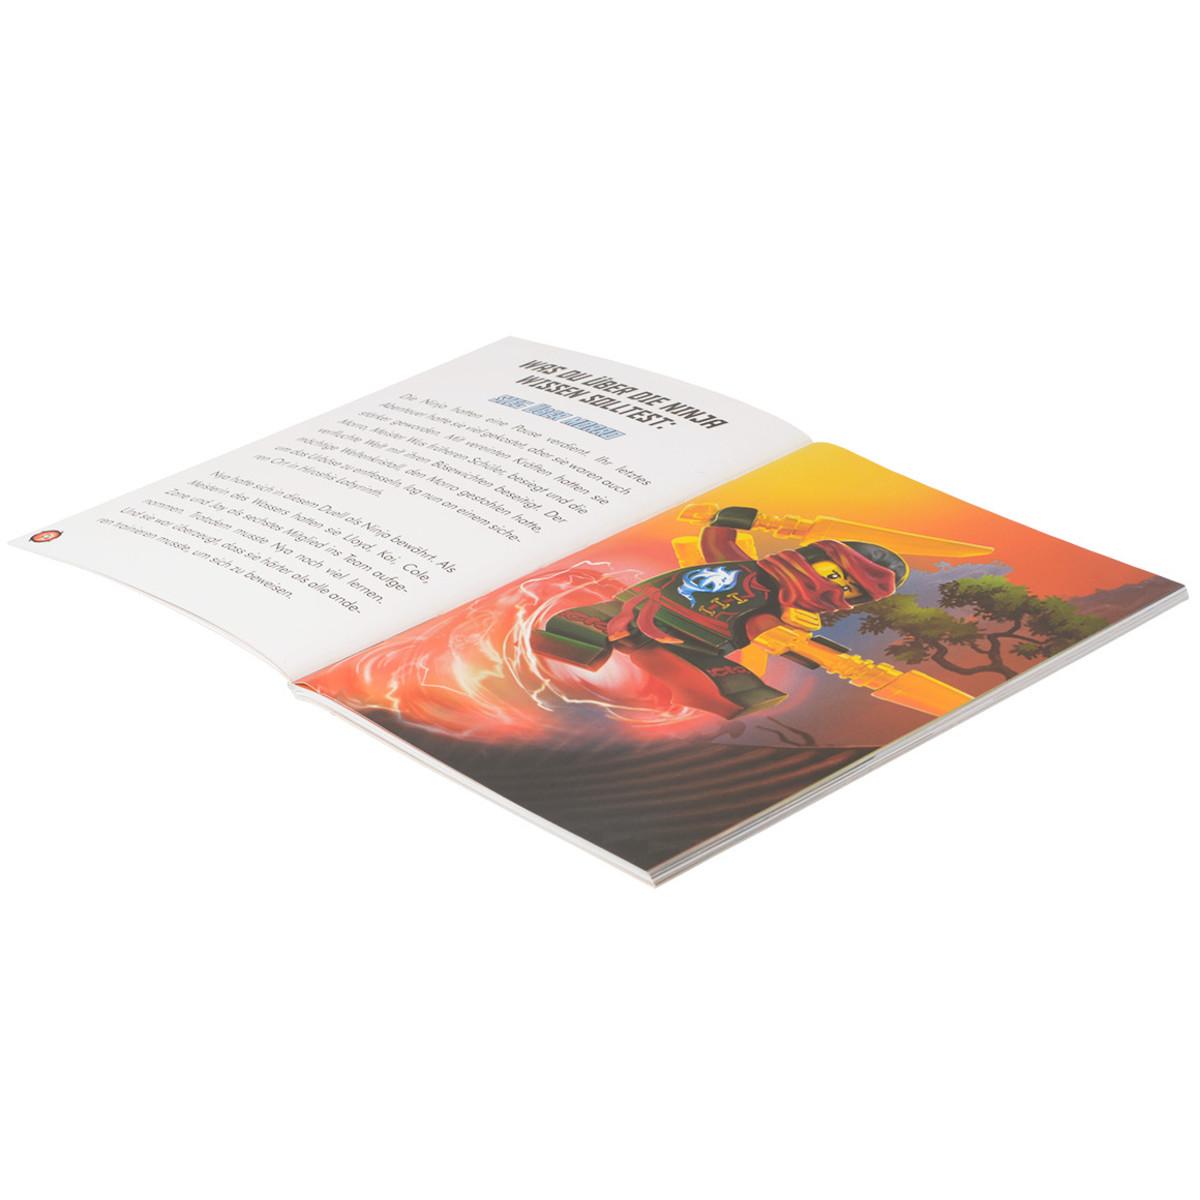 """Bild 3 von LEGO Ninjago Buch """"Die Rückkehr des Dschinns"""""""